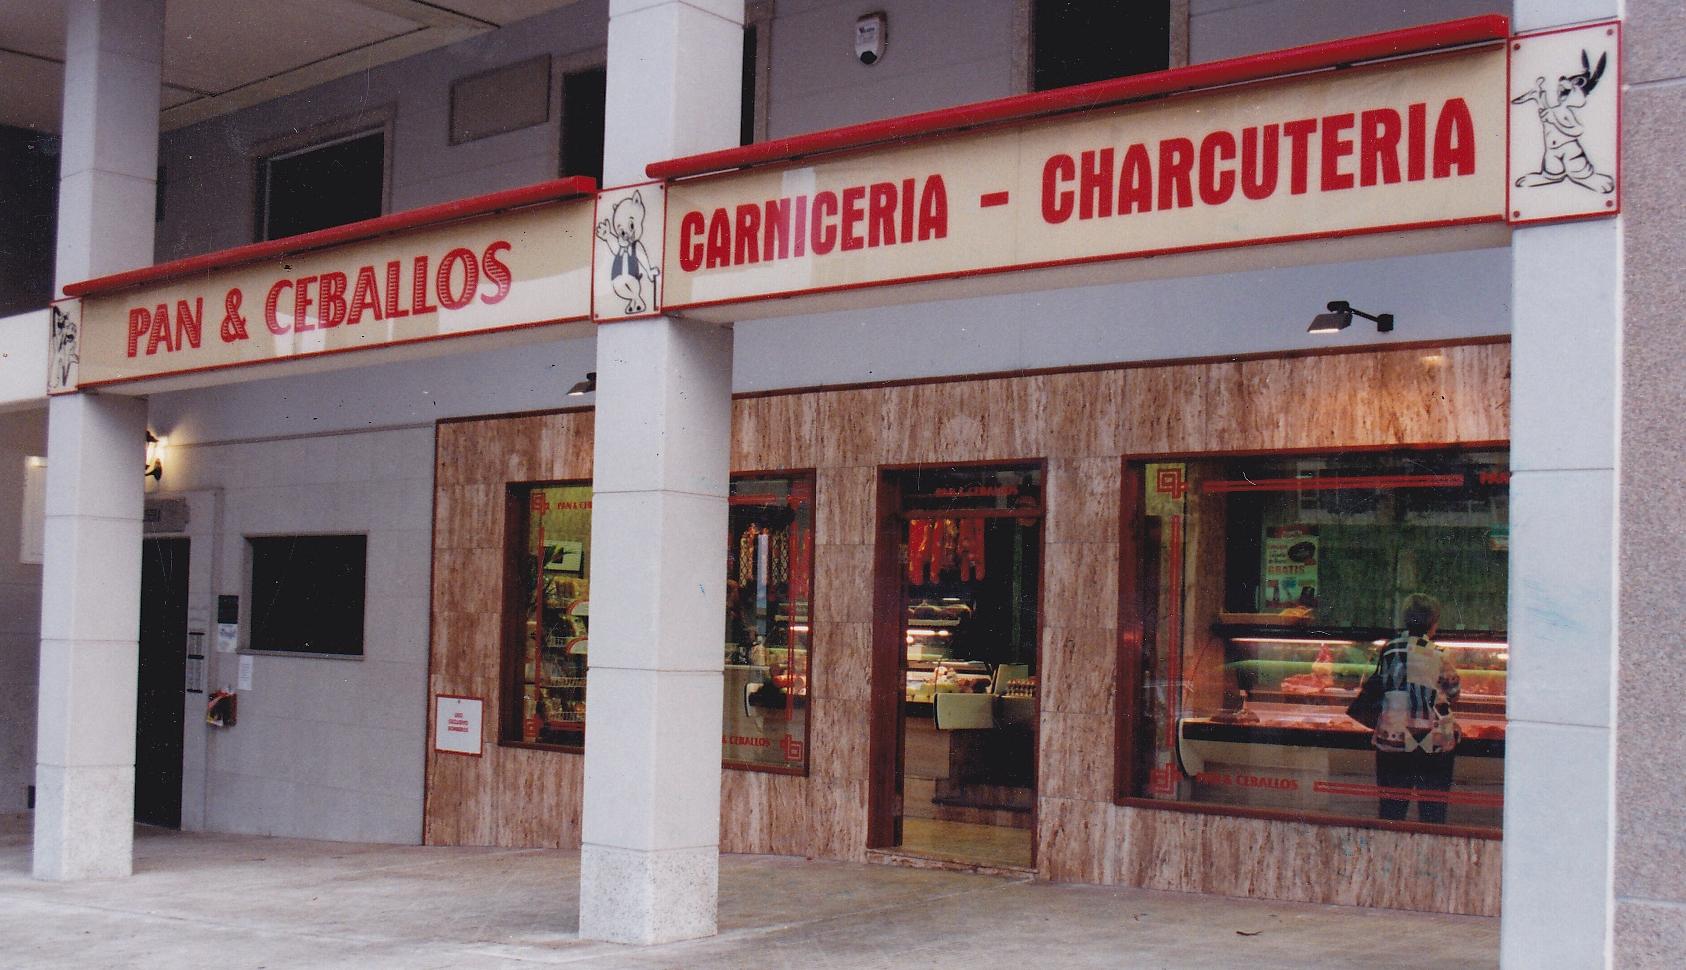 CARNICERIAS PAN CEBALLOS